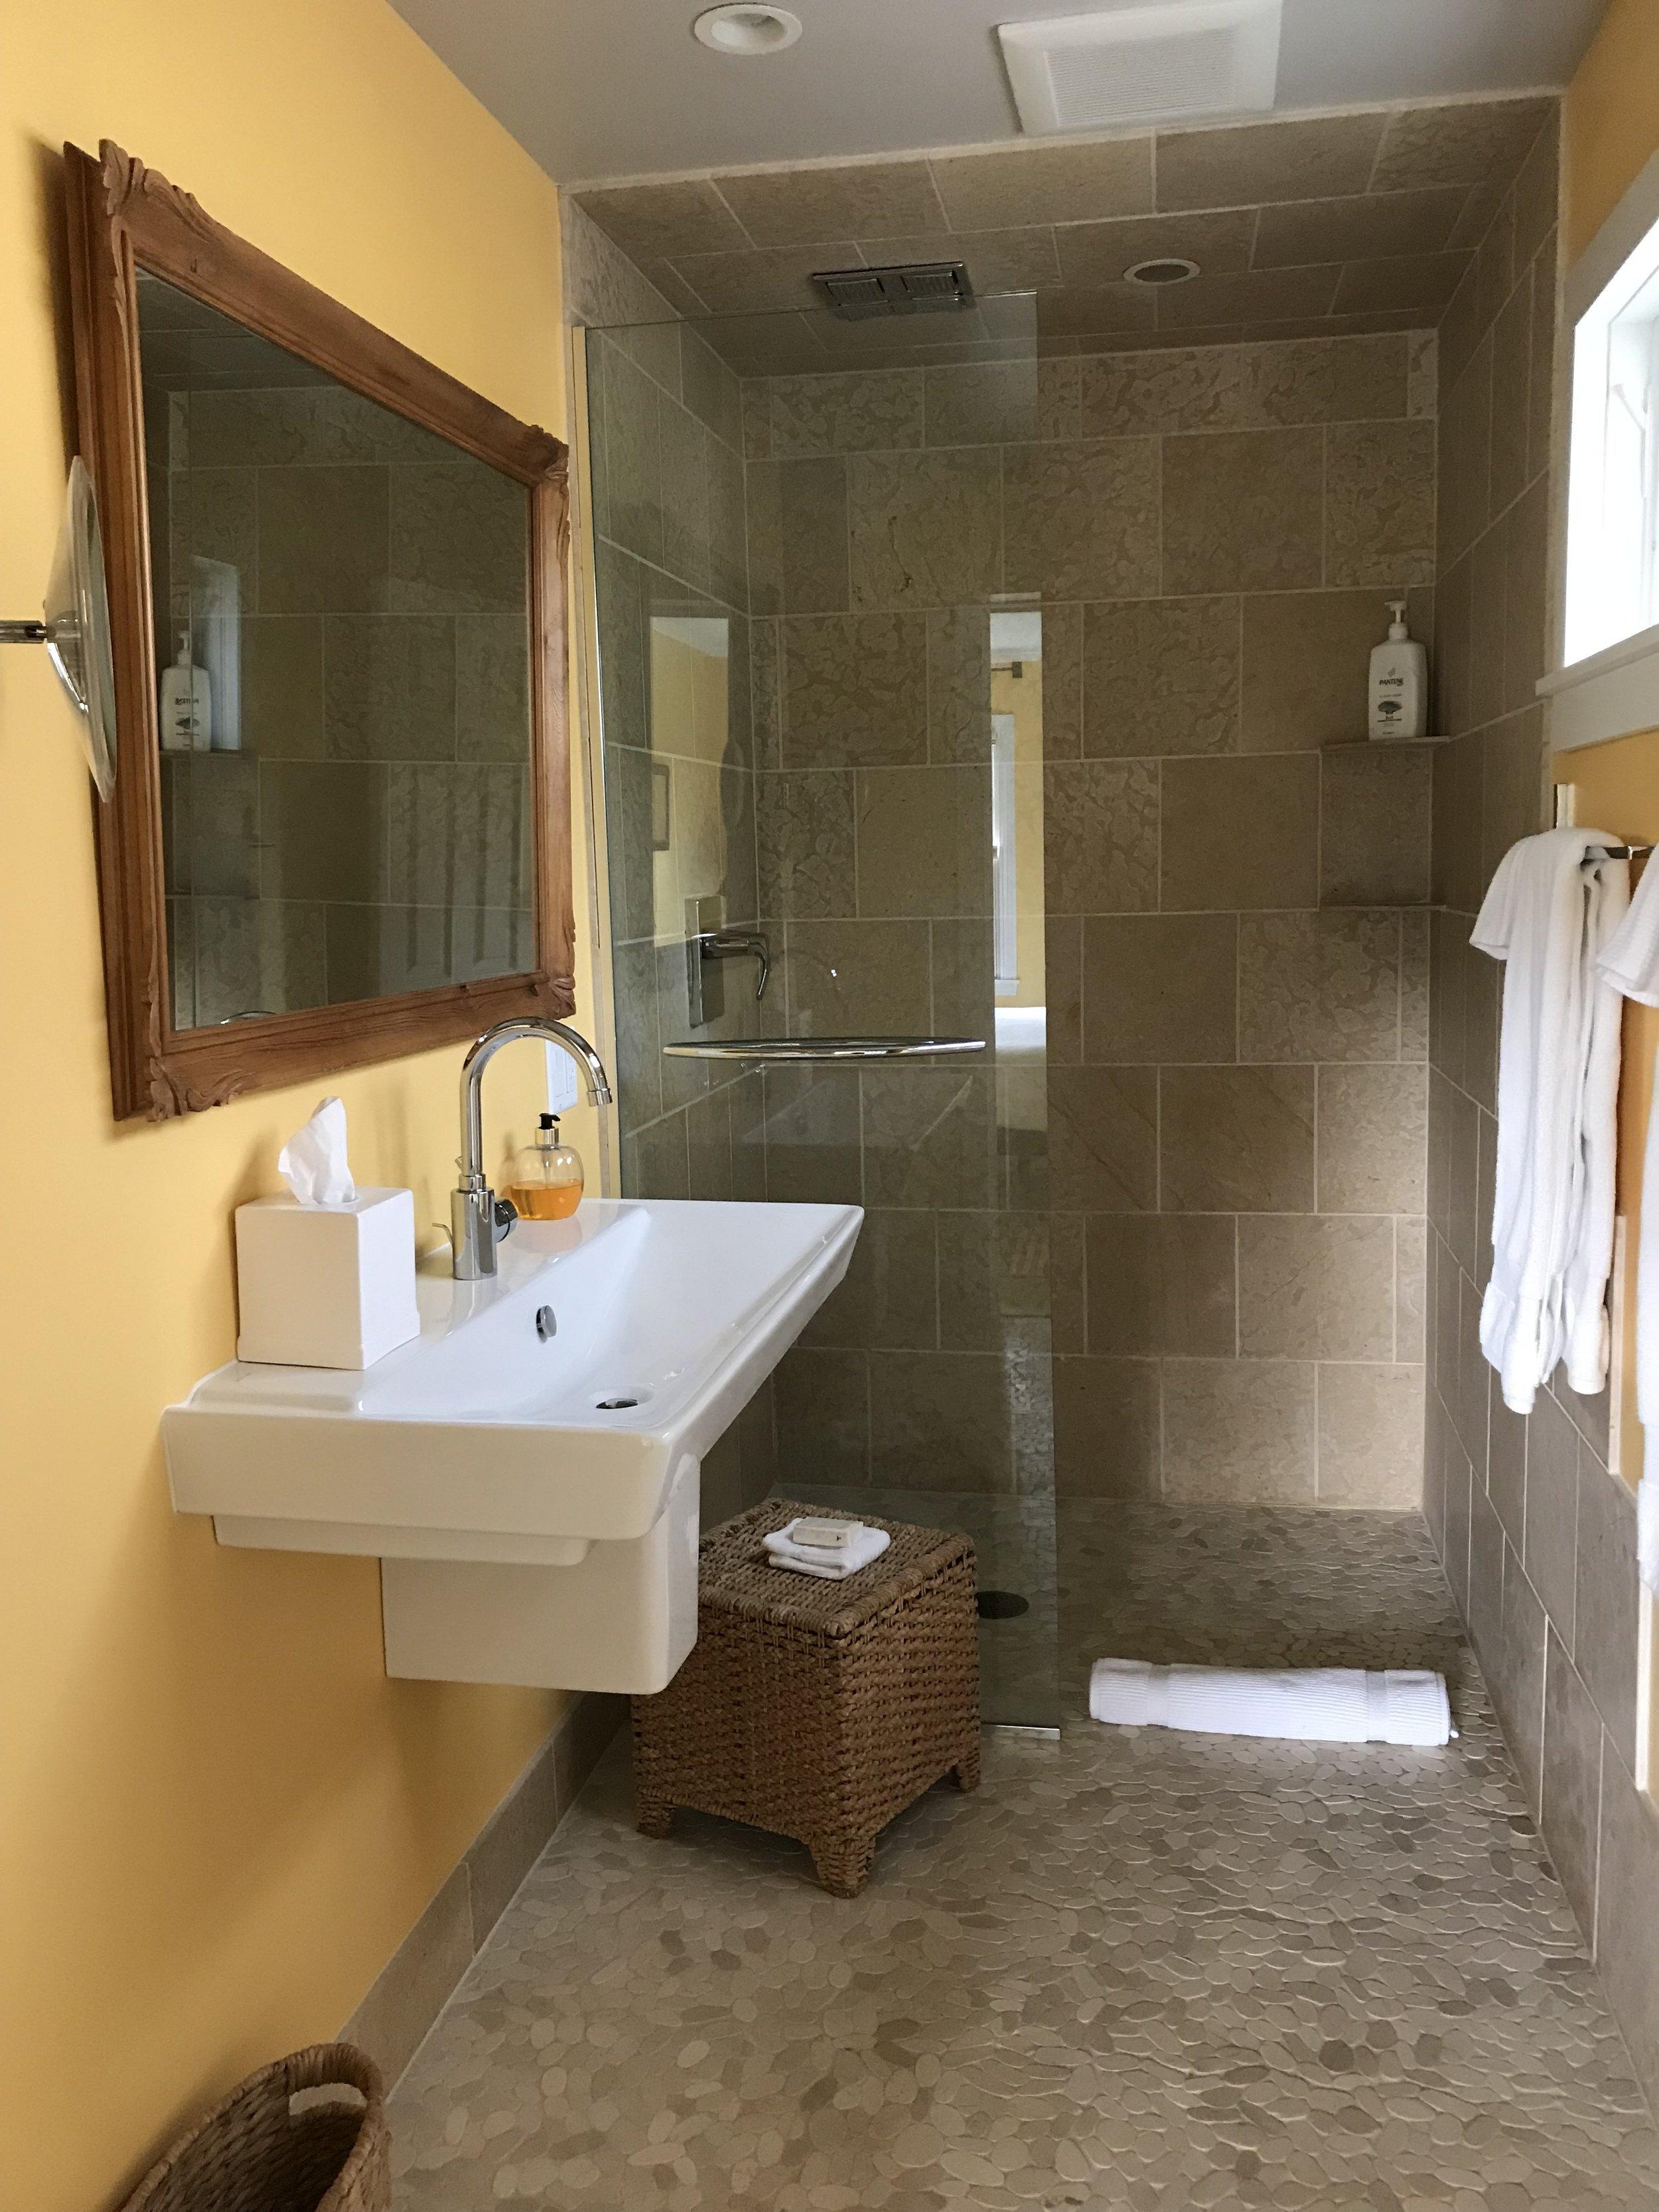 Bathroom from room no lights.jpg